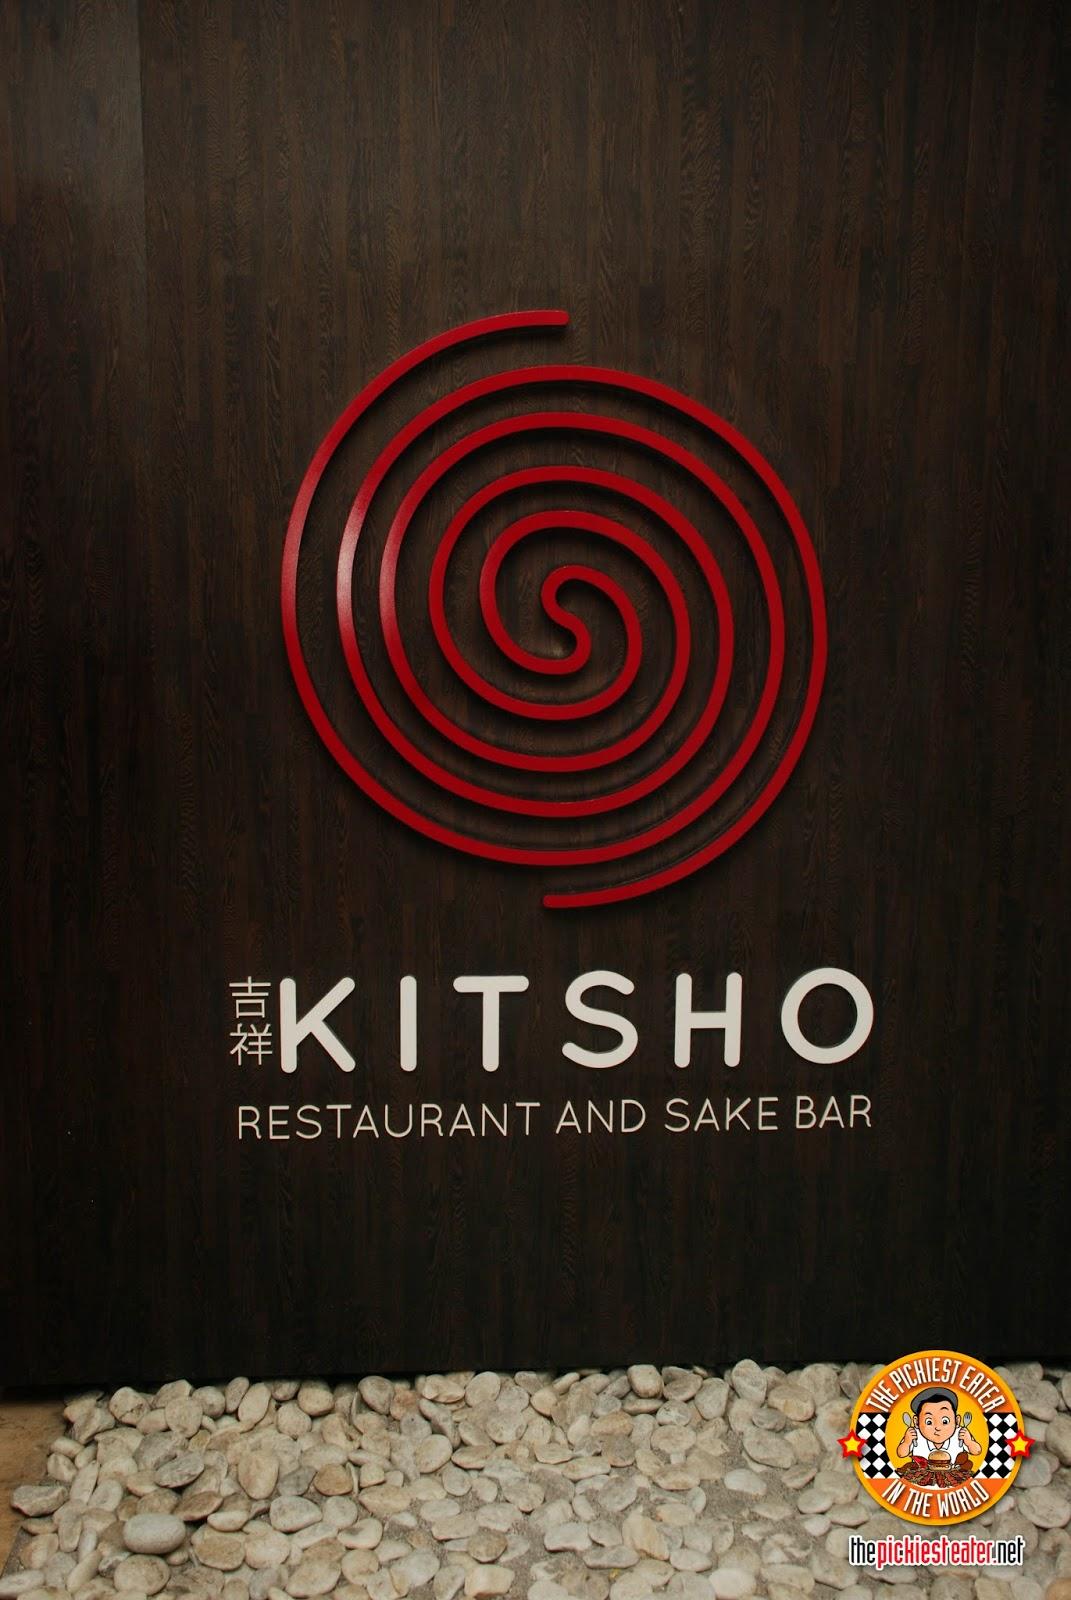 kitsho restaurant